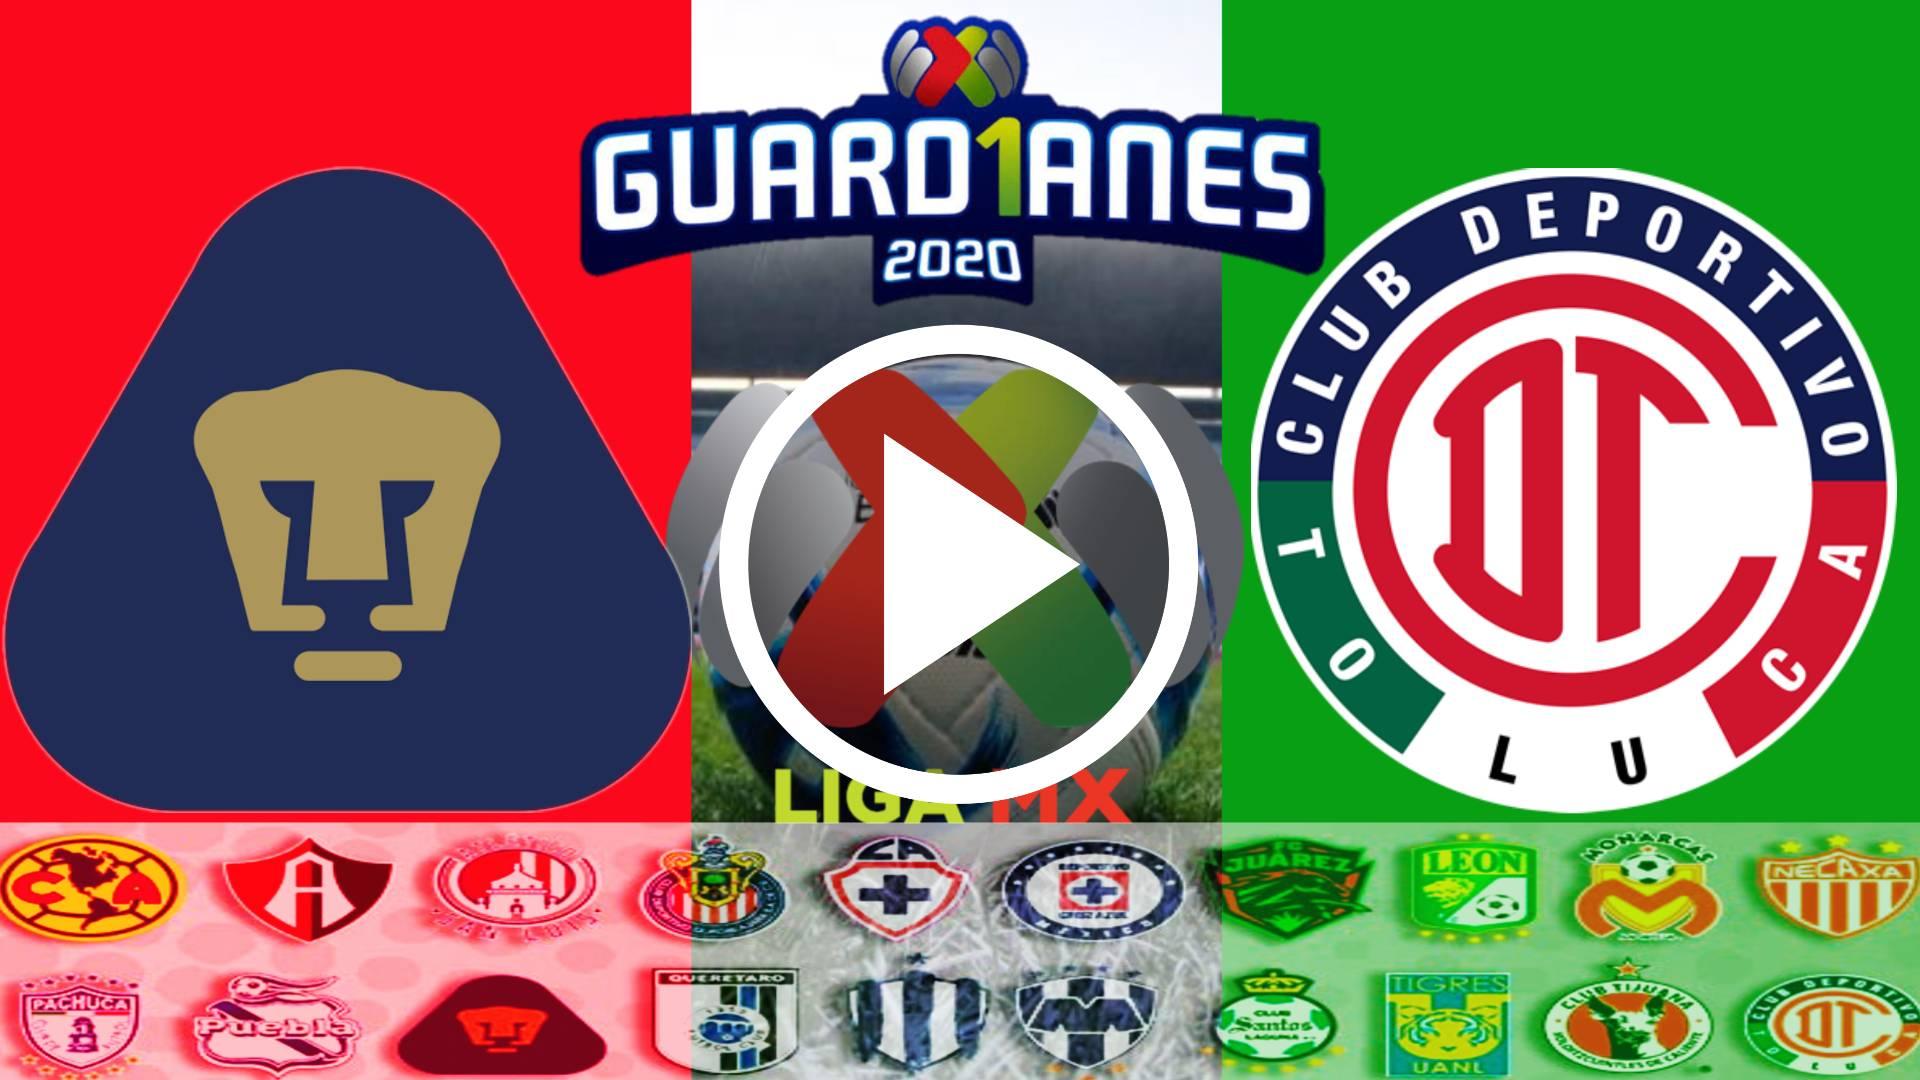 HOY AQUI EN VIVO GRATIS ONLINE Pumas vs Toluca POR la Liga MX TORNEO GUAD1ANES 2020